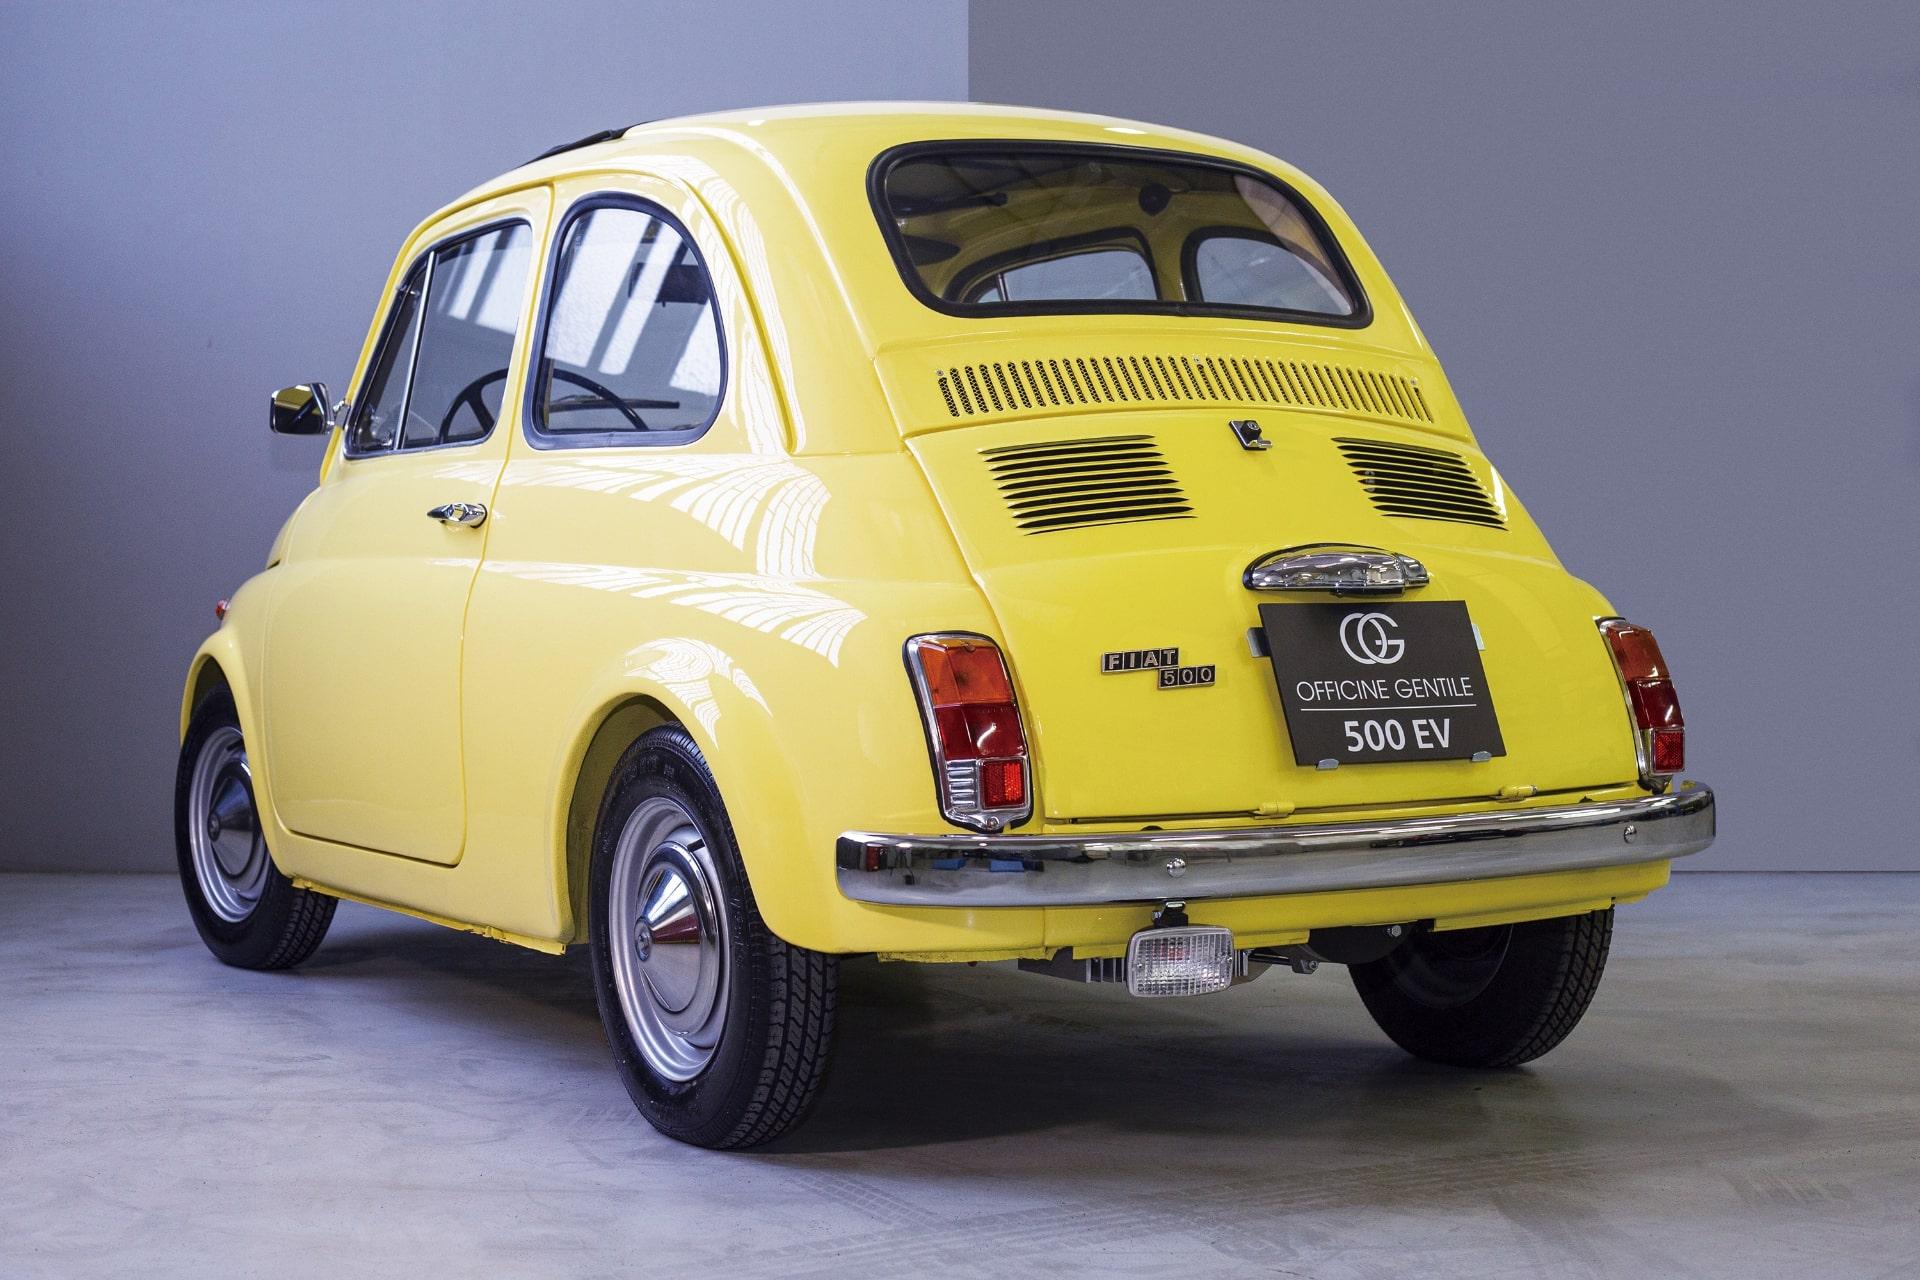 チンクエチェント博物館プロデュースの「FIAT 500ev」 リア